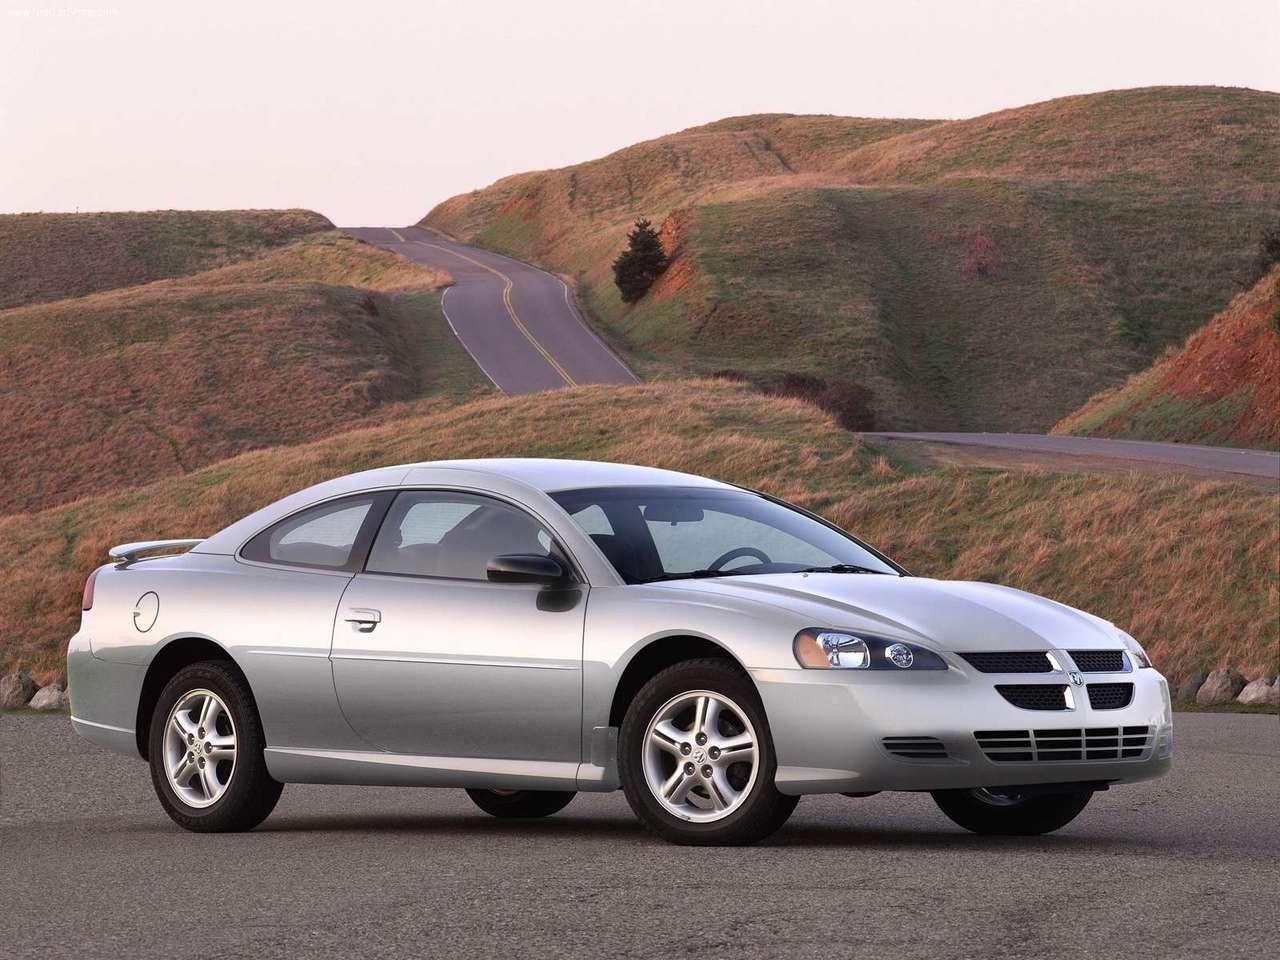 http://2.bp.blogspot.com/-MEoLYaW2KOM/TXR7iB5rRTI/AAAAAAAADkM/pRJO-CtRRPg/s1600/Dodge-Stratus_Coupe_2005_1280x960_wallpaper_01.jpg